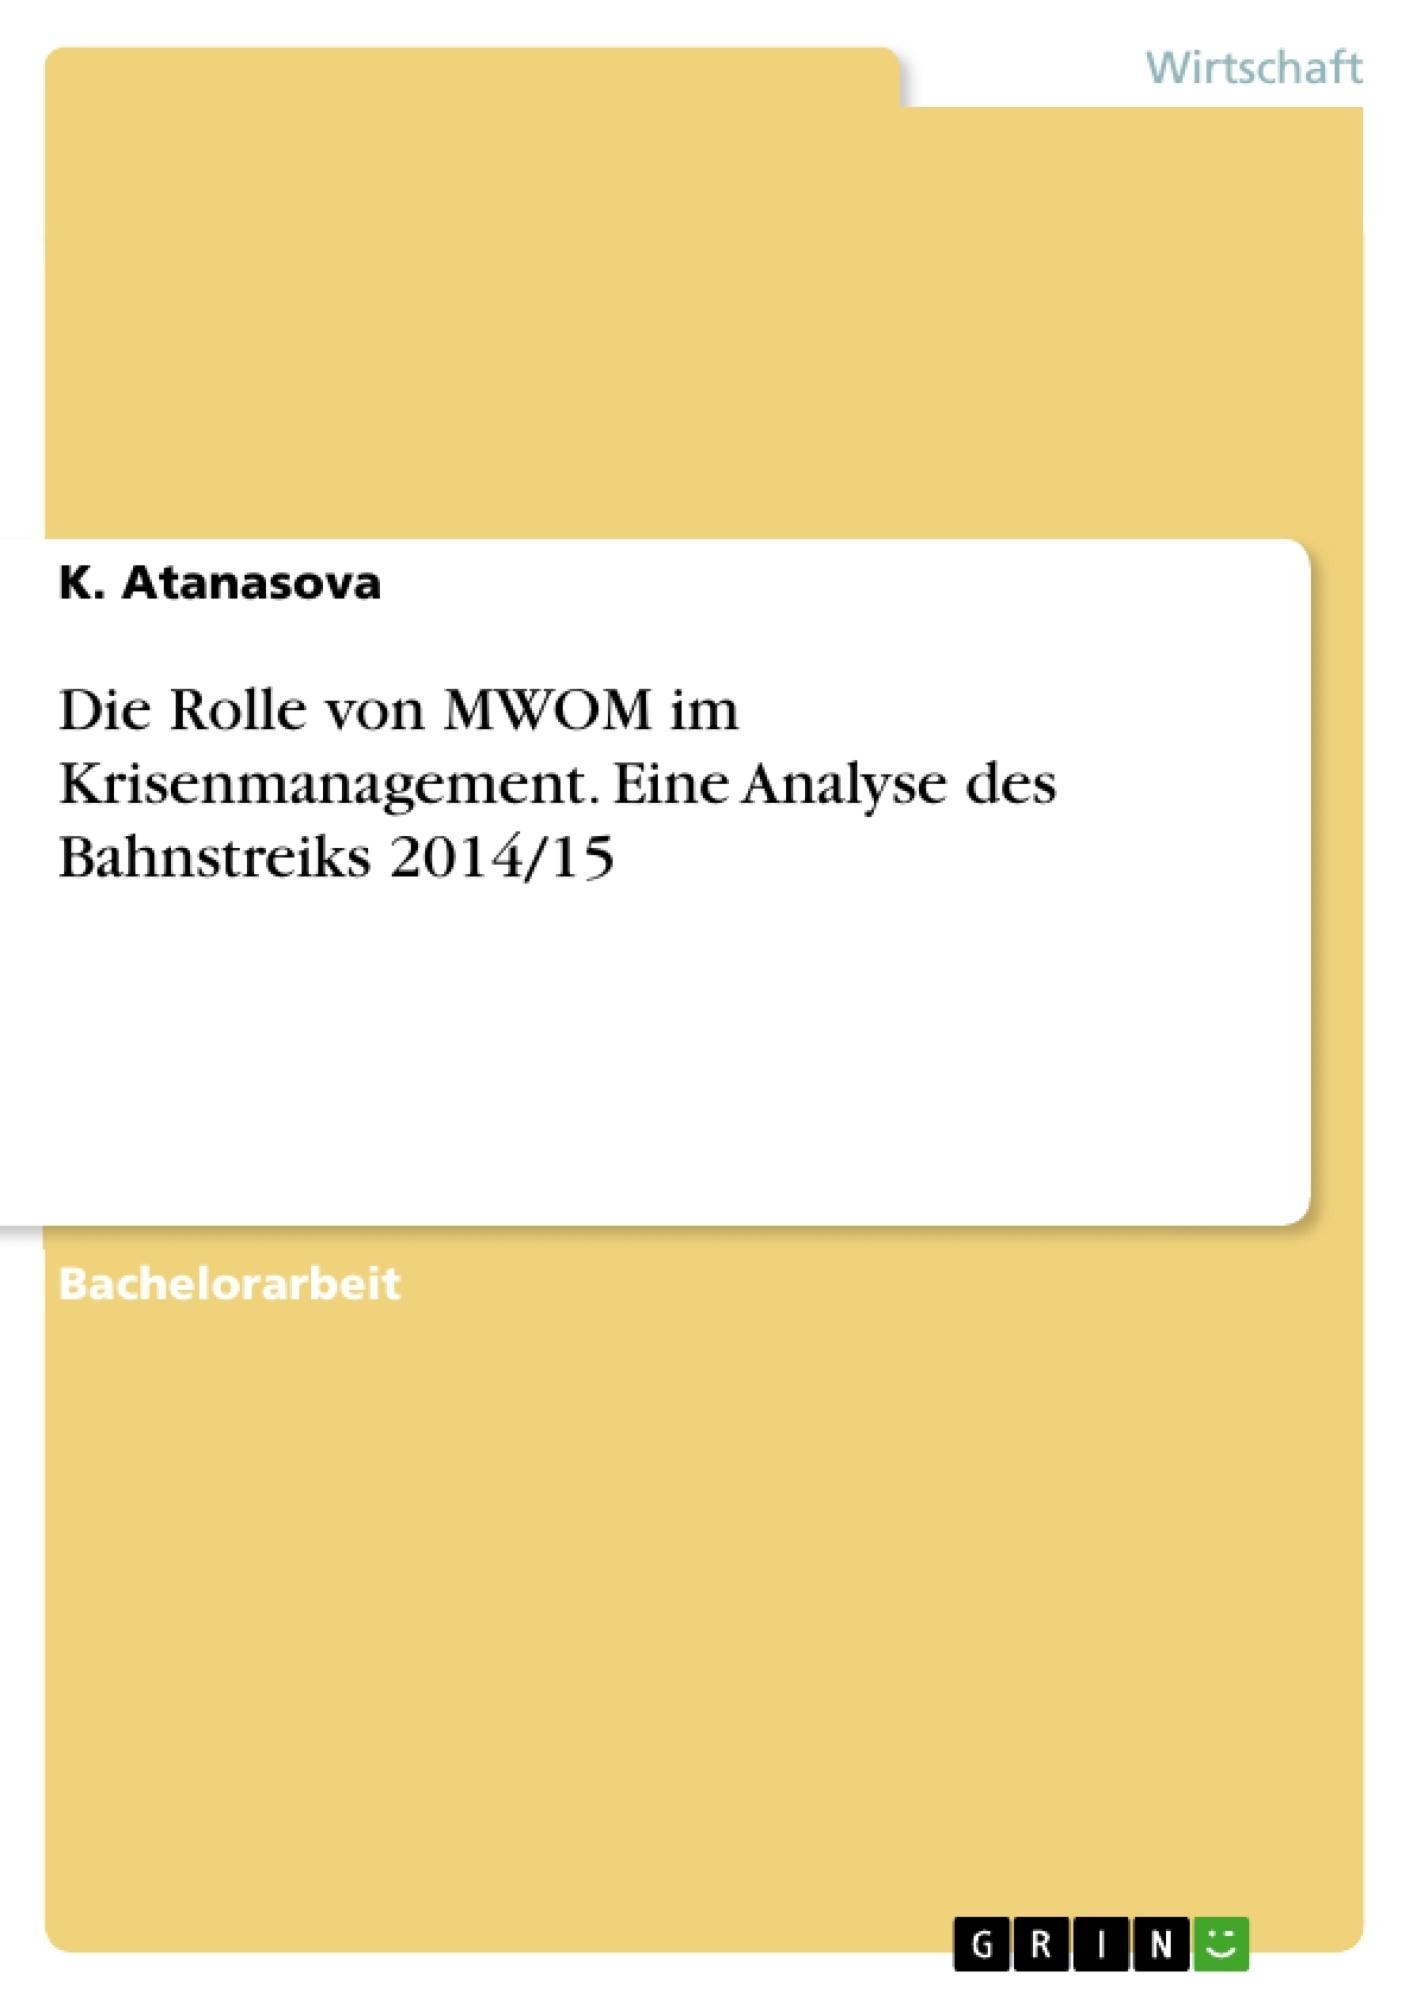 Titel: Die Rolle von MWOM im Krisenmanagement. Eine Analyse des Bahnstreiks 2014/15